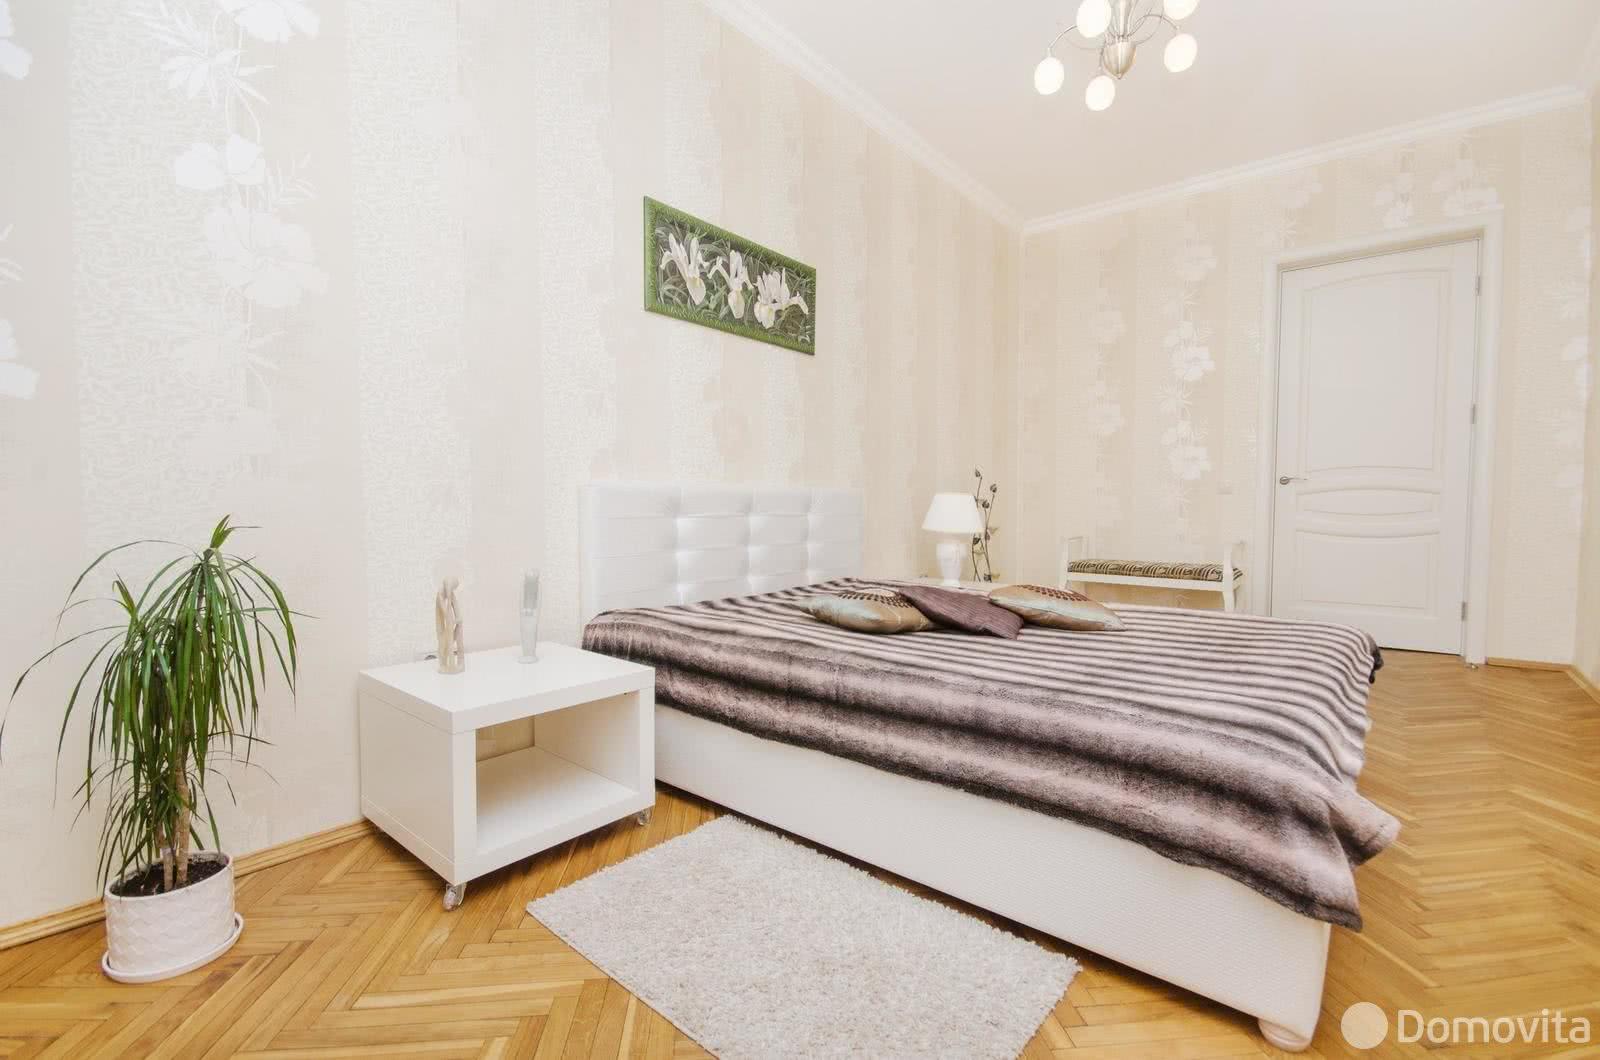 Аренда 2-комнатной квартиры на сутки в Минске, ул. Янки Купалы, д. 11 - фото 2